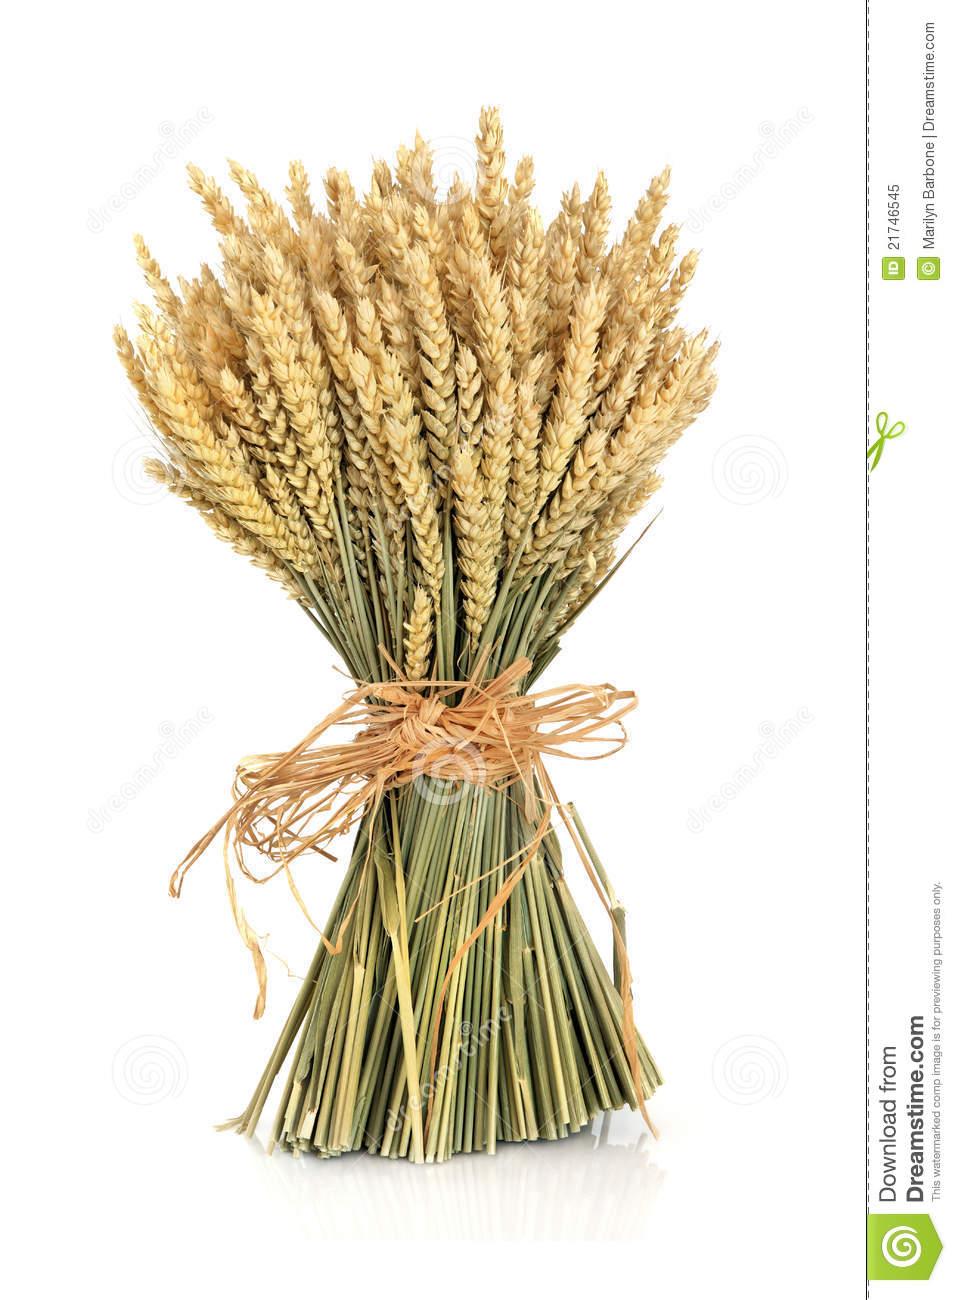 Wheat bundle clipart.